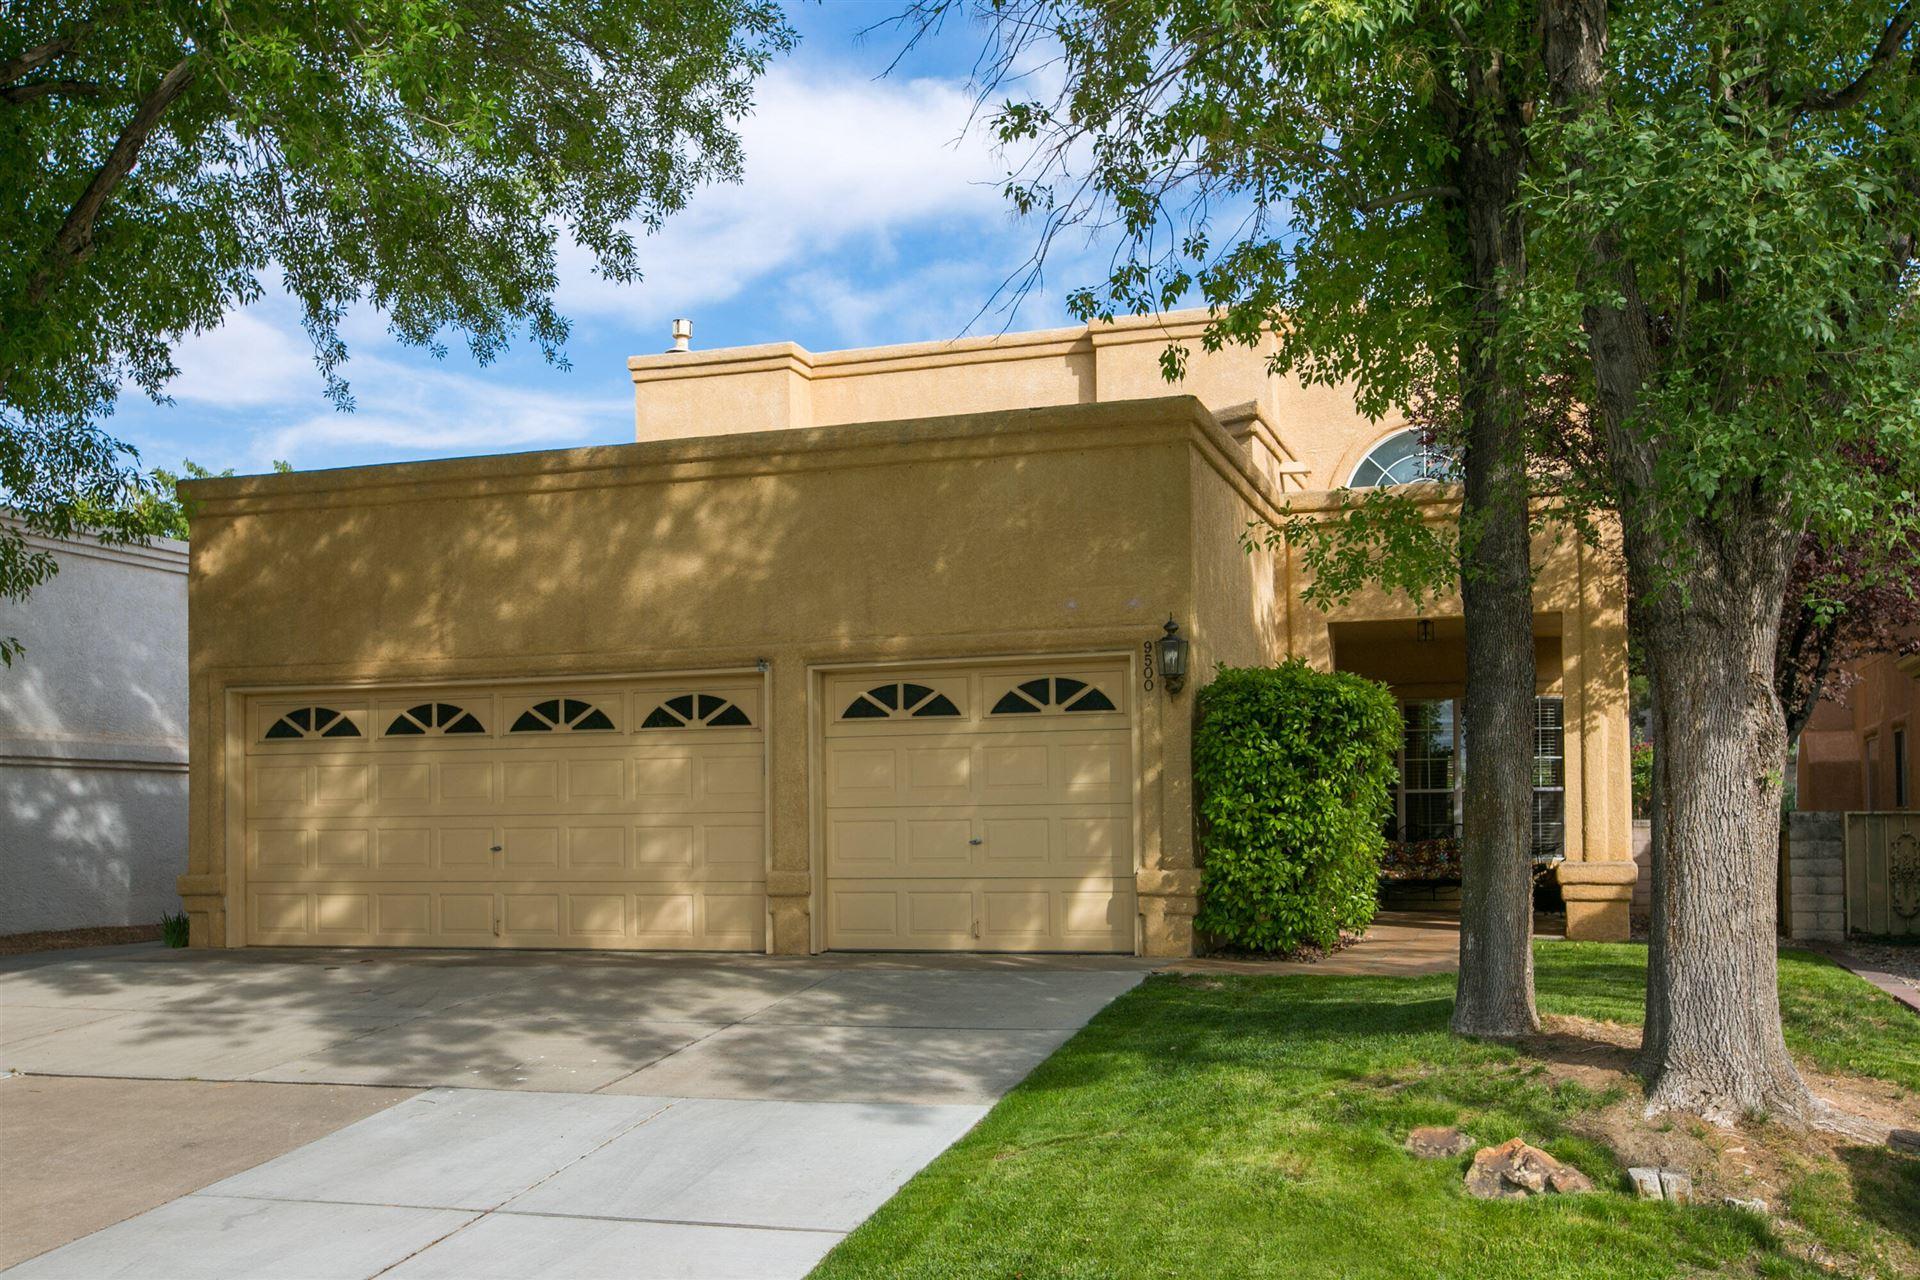 Photo of 9500 Callaway Circle NE, Albuquerque, NM 87111 (MLS # 993998)